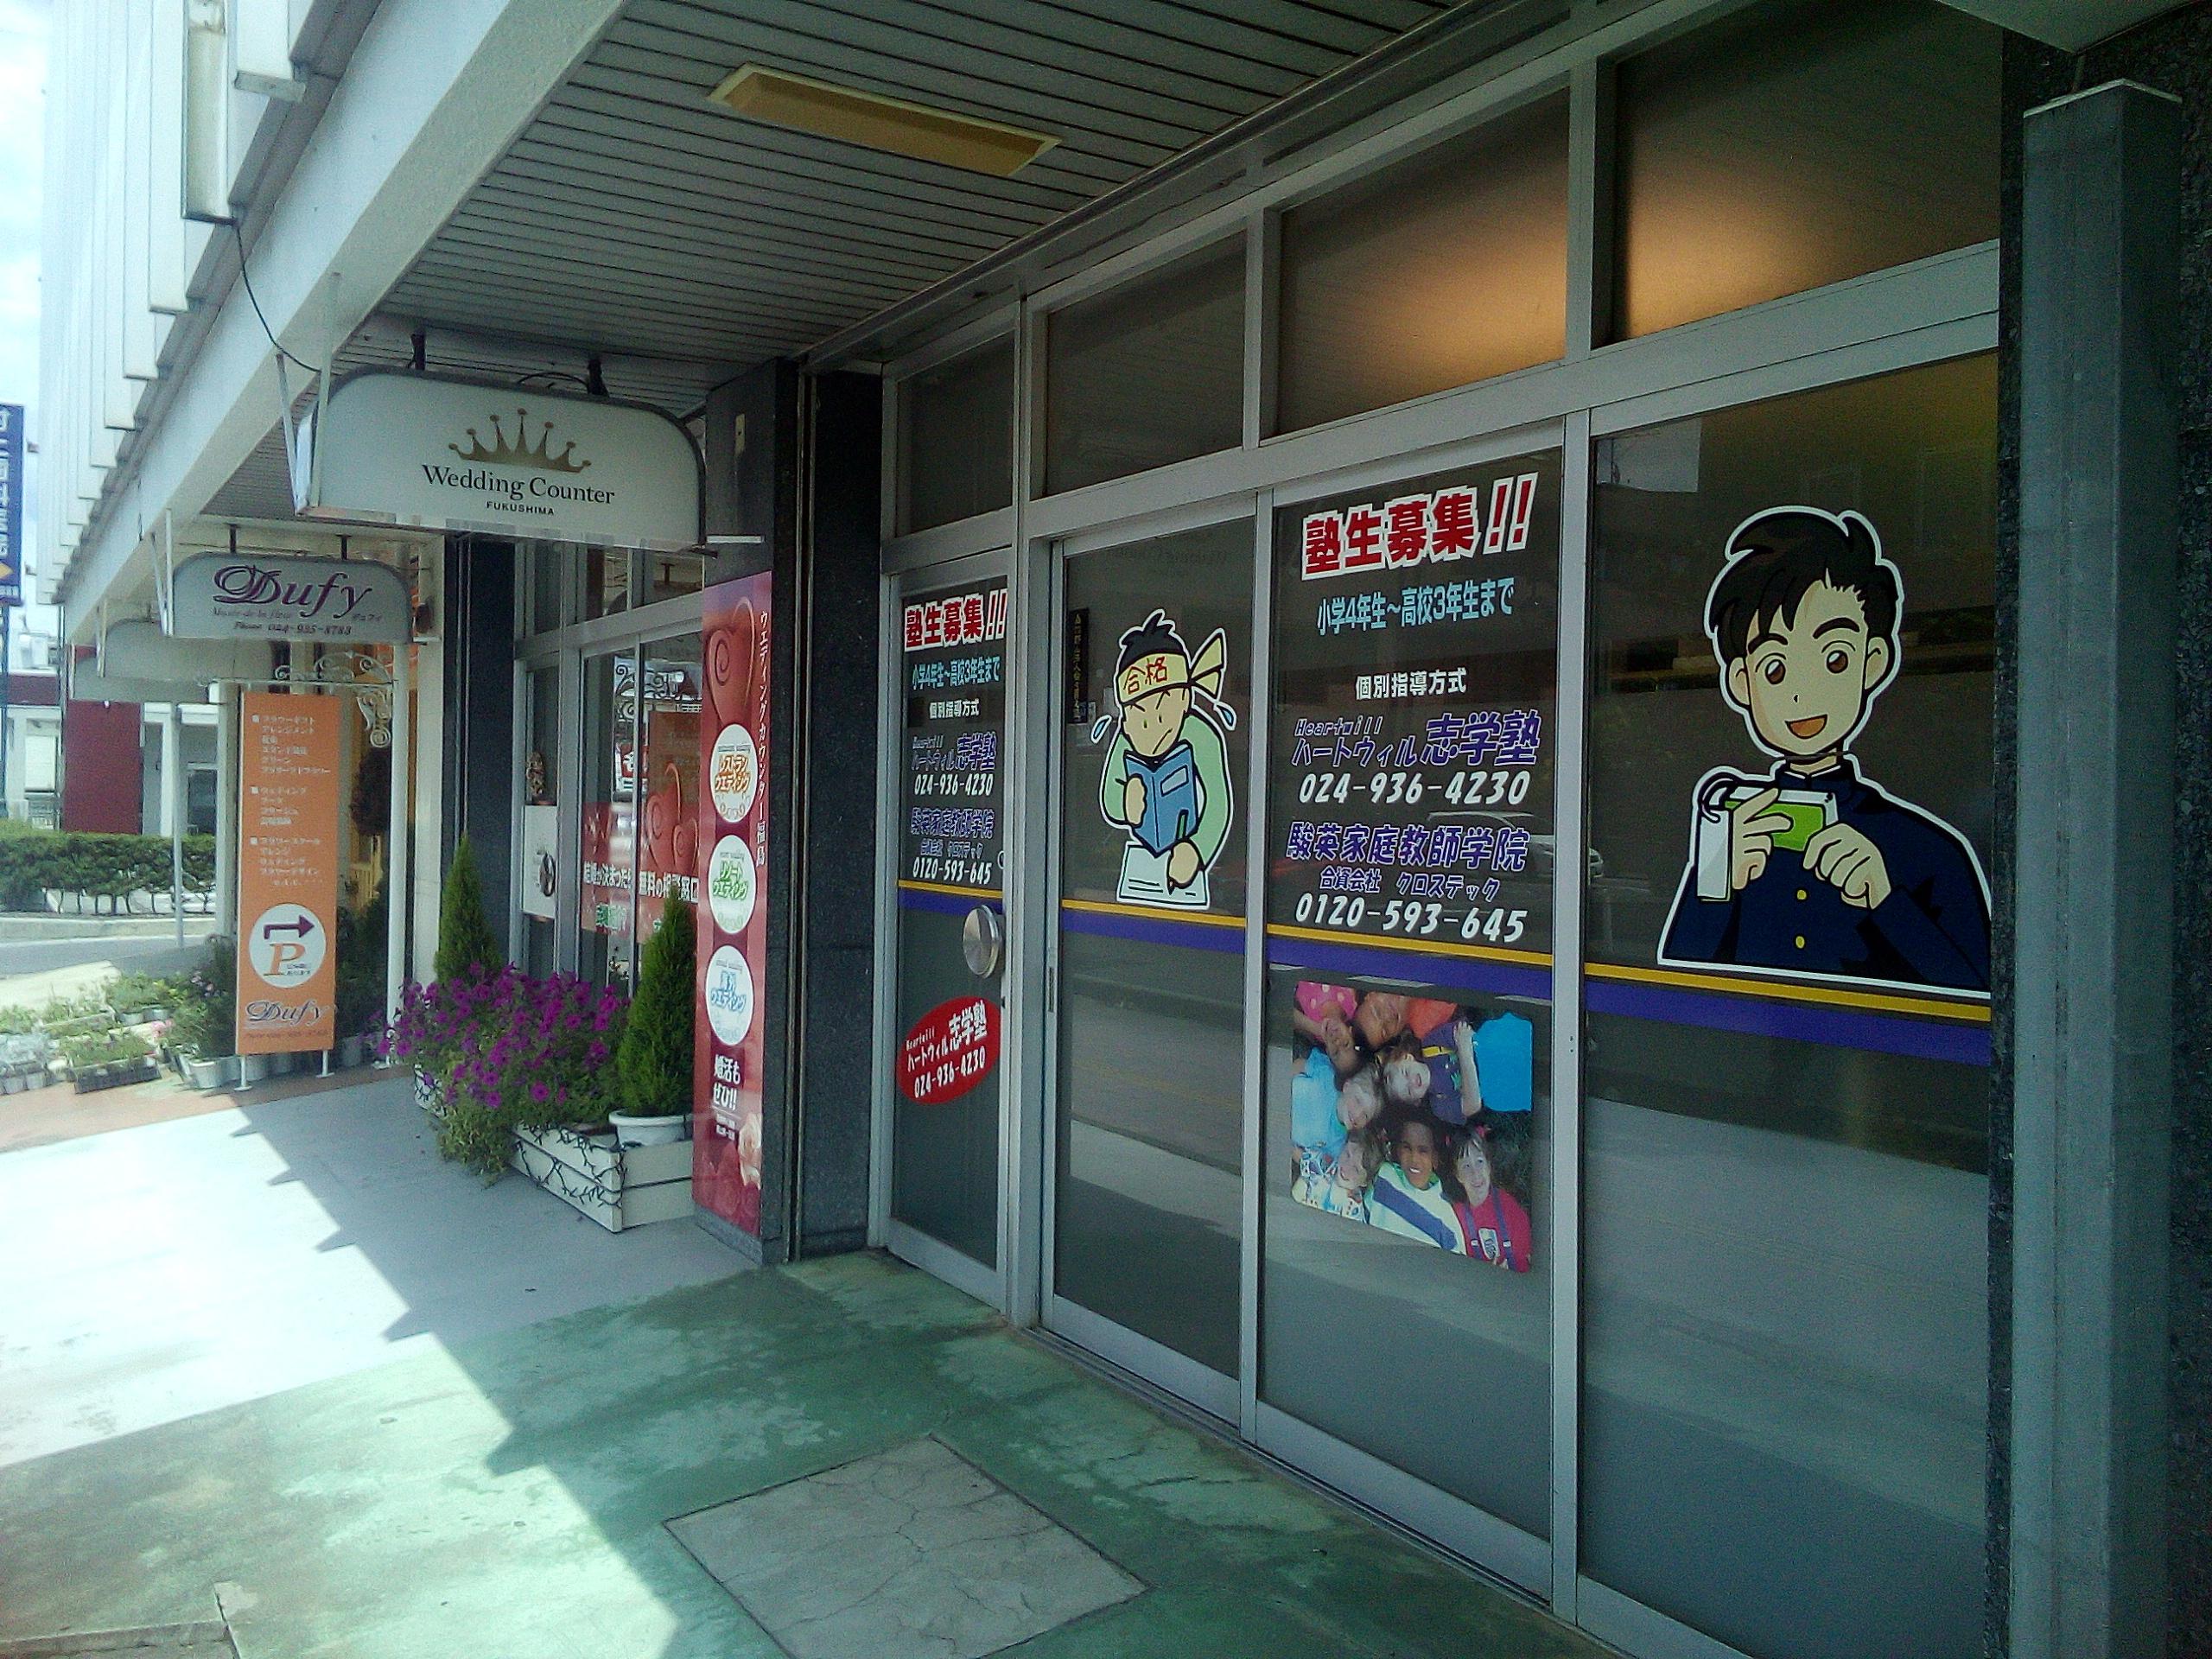 平成31年度 福島県立高校2期選抜倍率 県北